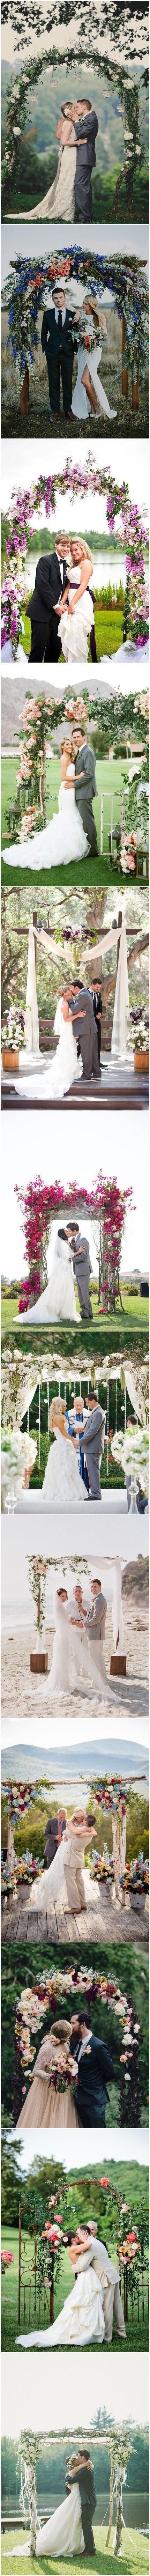 Rustic Wedding Ideas - 26 Floral Wedding Arches Decorating Ideas